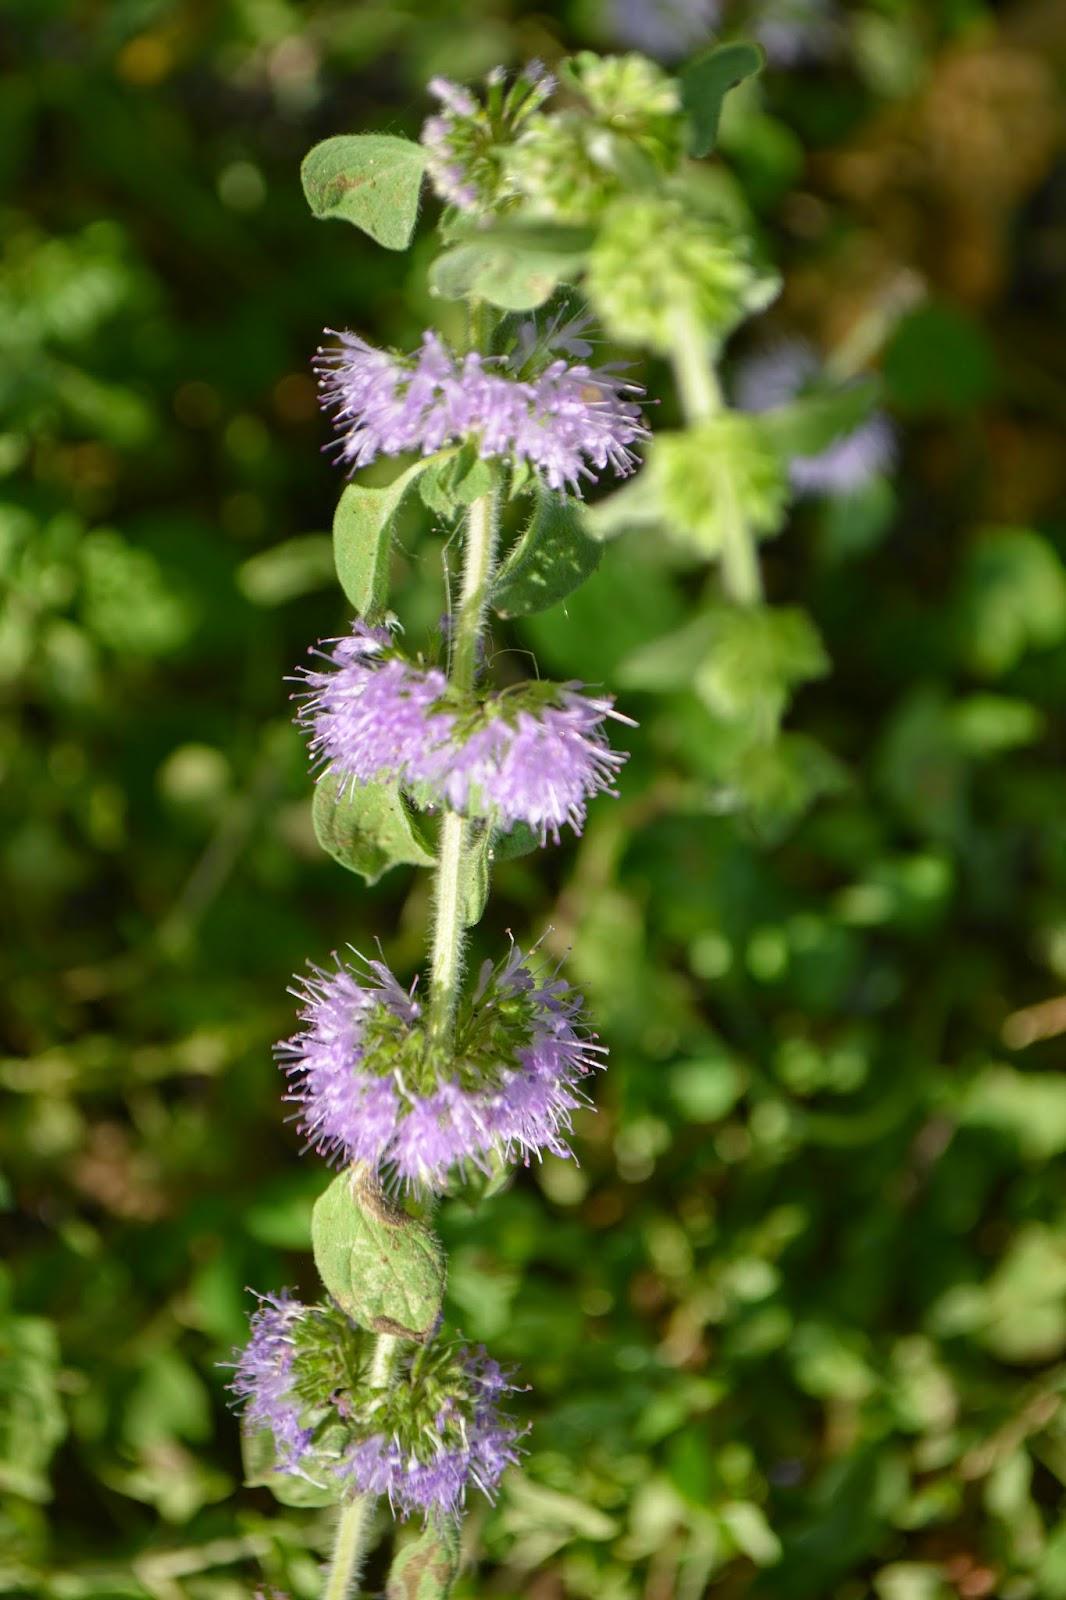 Poleo, menta, cubresuelo perfumado entre el pasto. Semisombra. Flor.